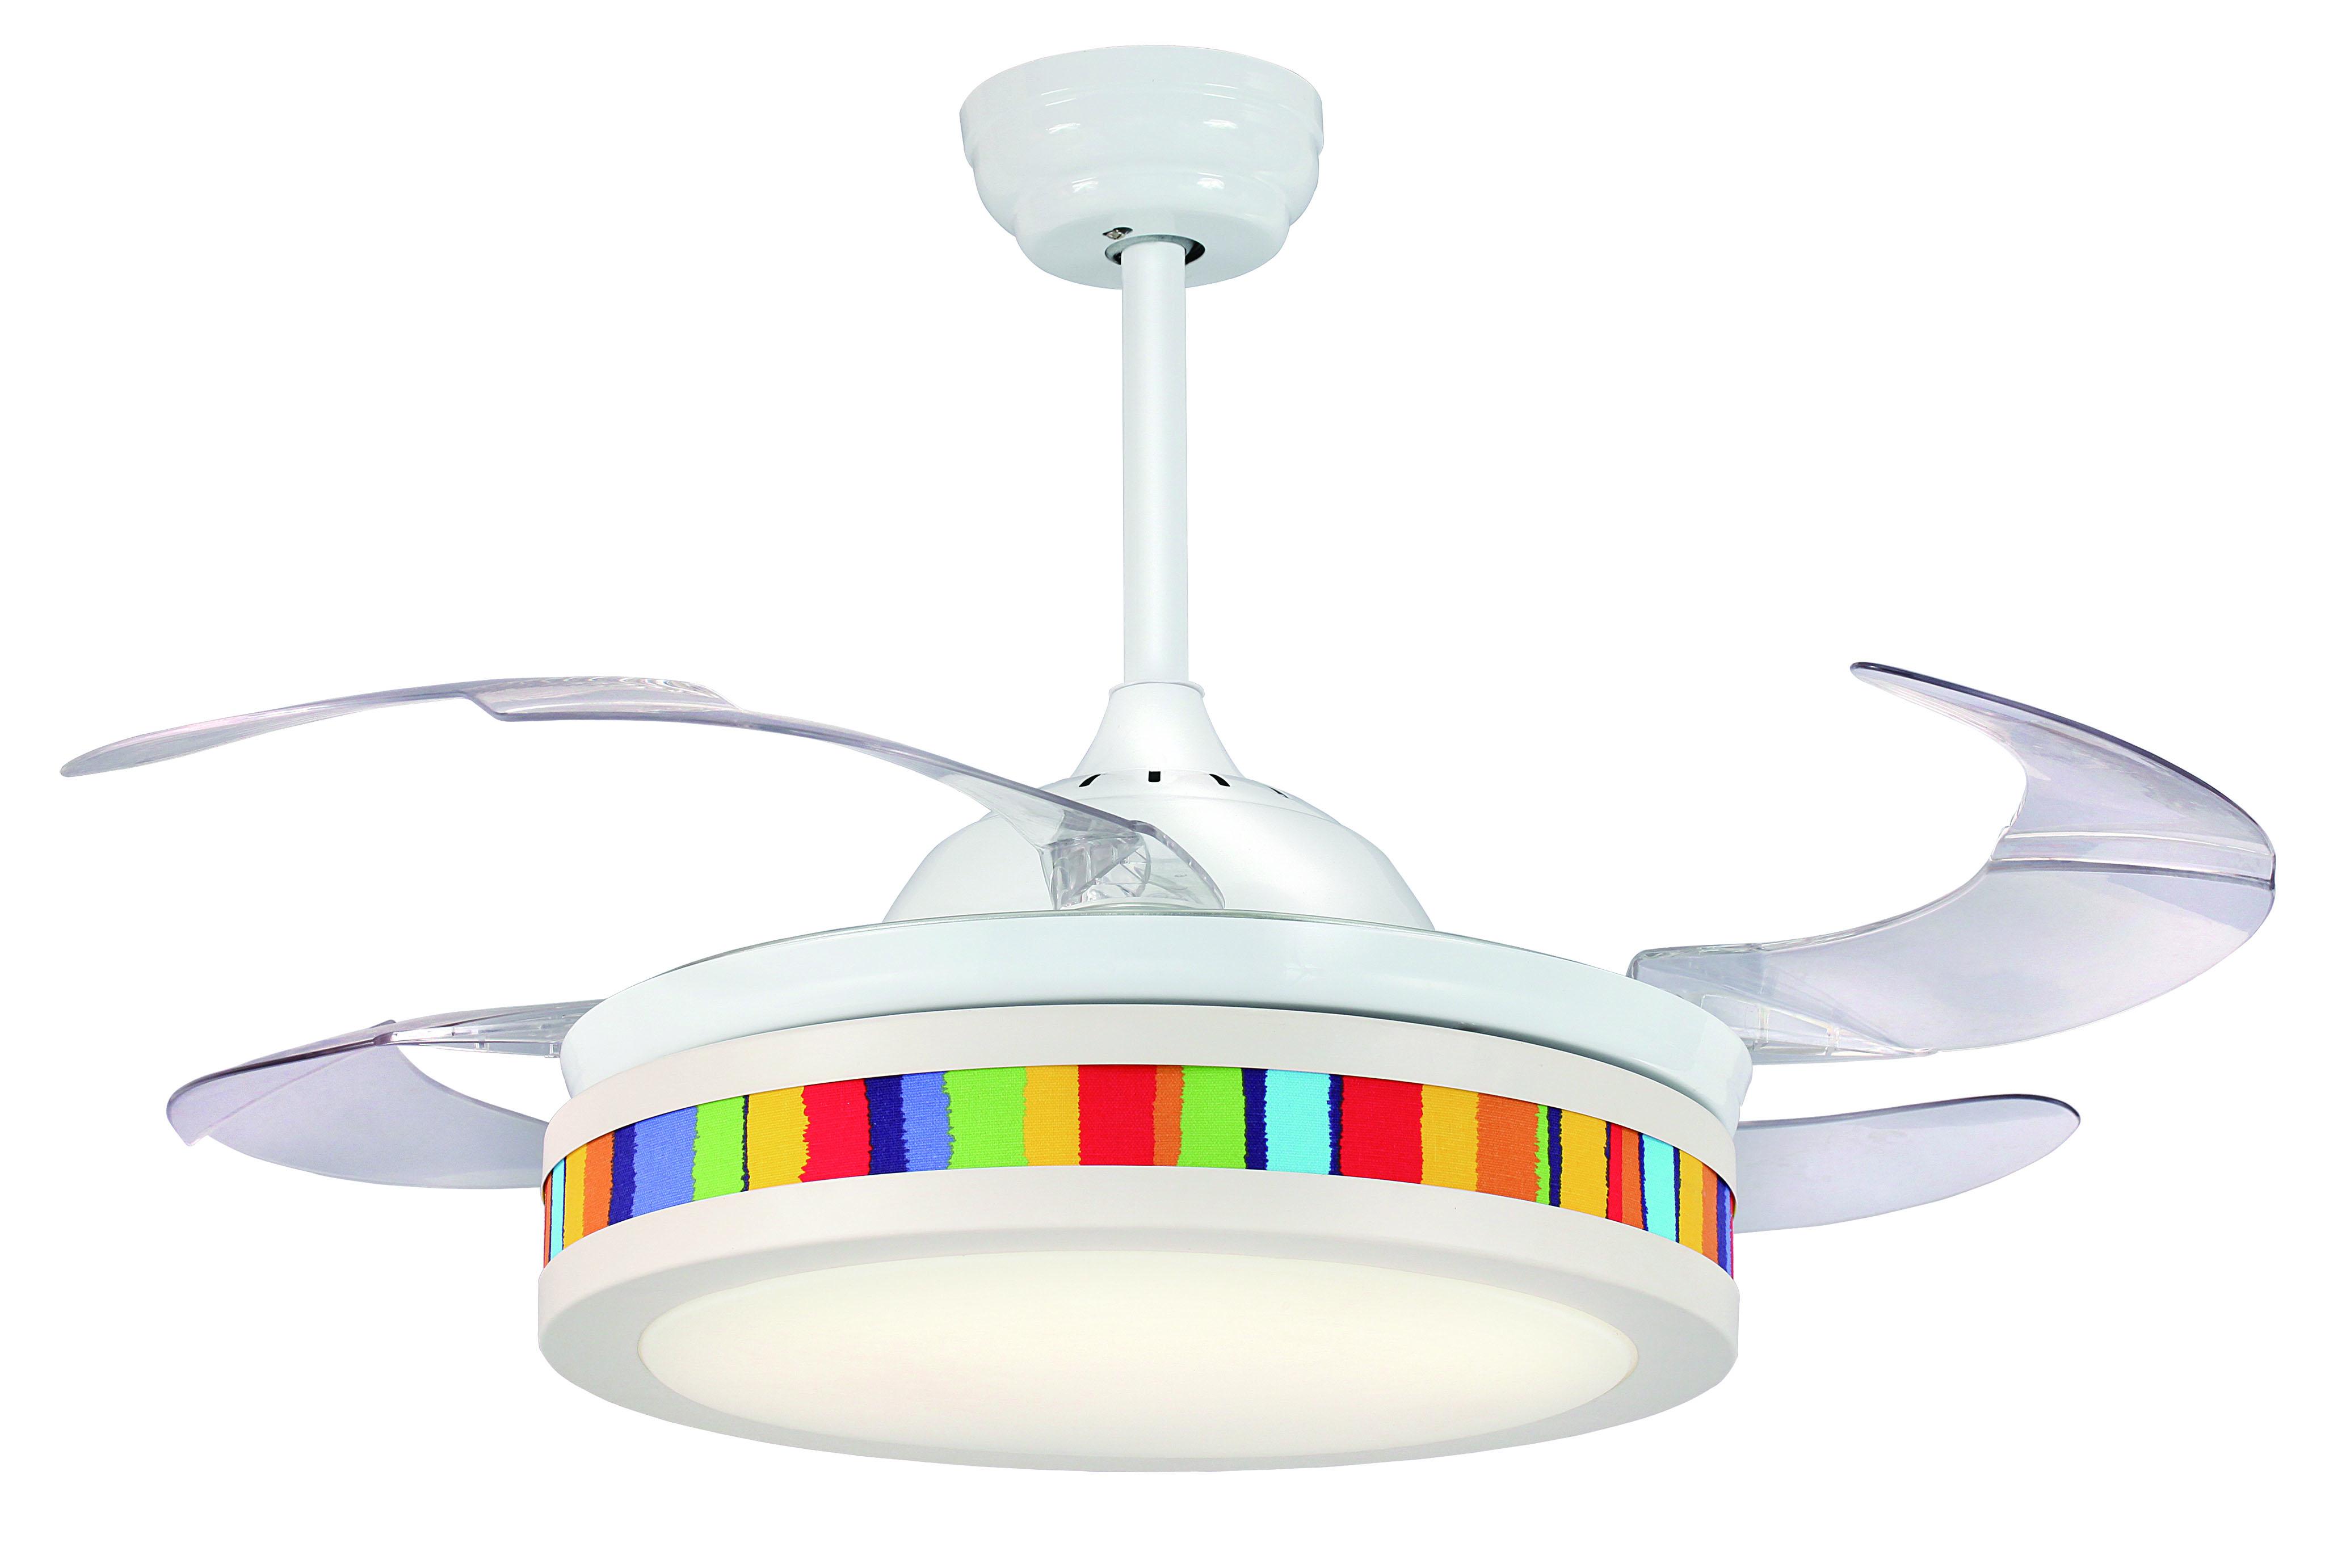 Zhongshan fan Lighting Electric Appliance Factory